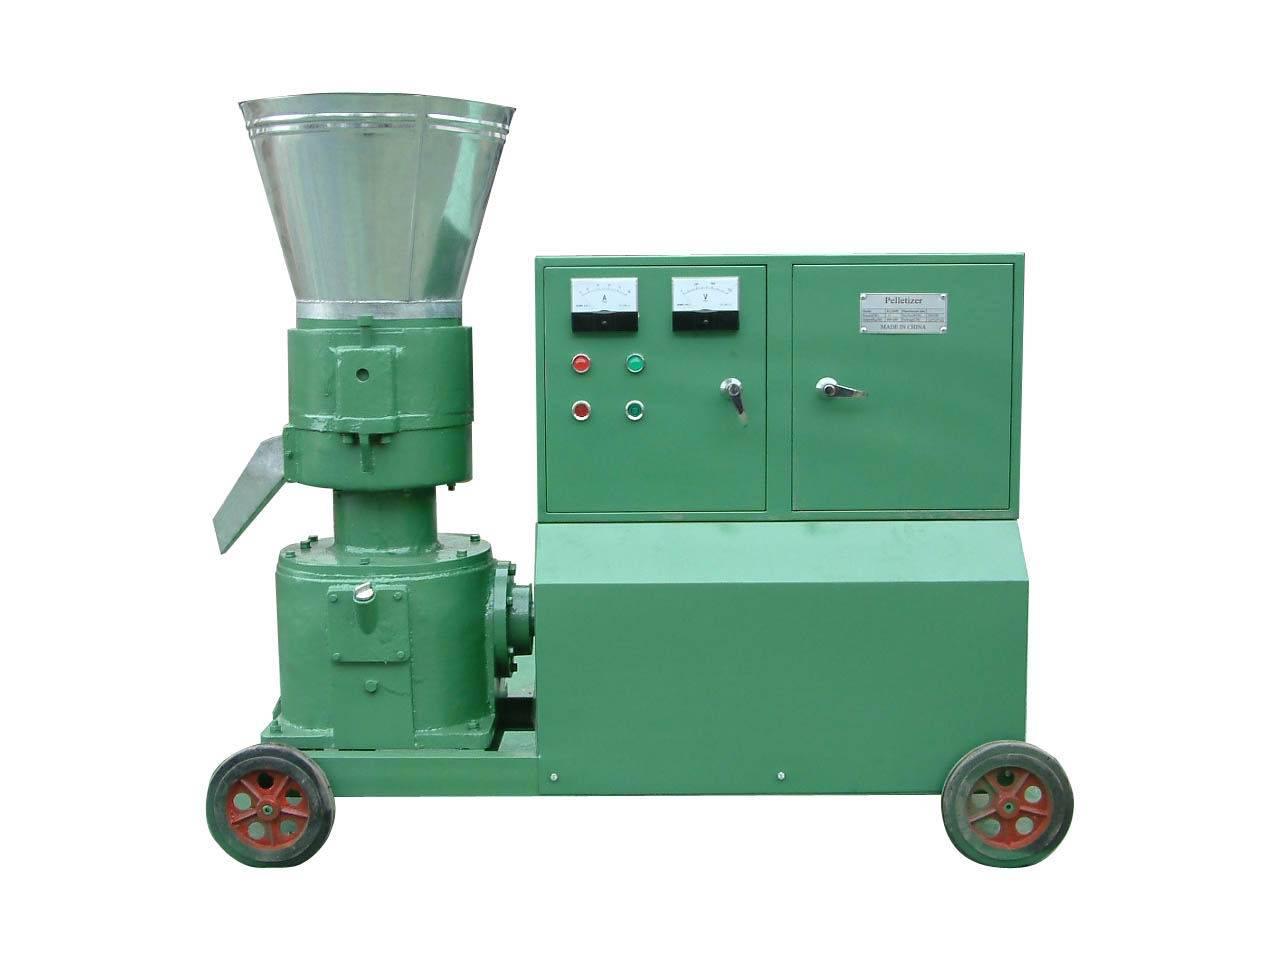 Electric flat die pellet mill/wood pellet mills/pelletizer/poultry feeder mill